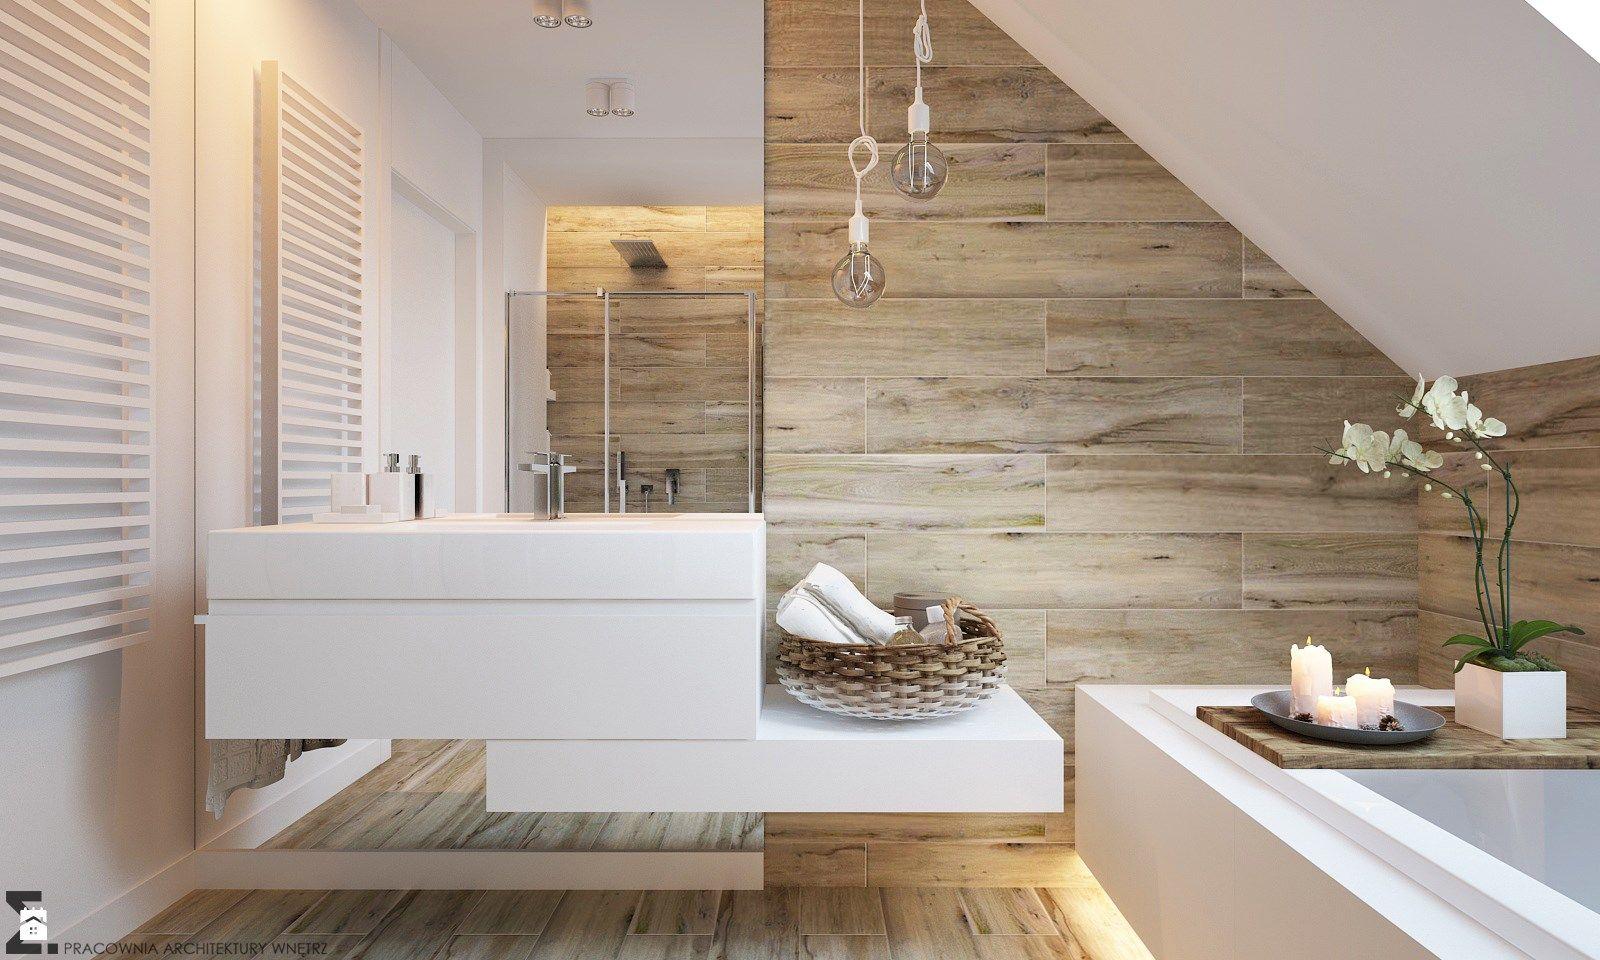 Aranżacja łazienki Na Poddaszu Urządzamy W 2019